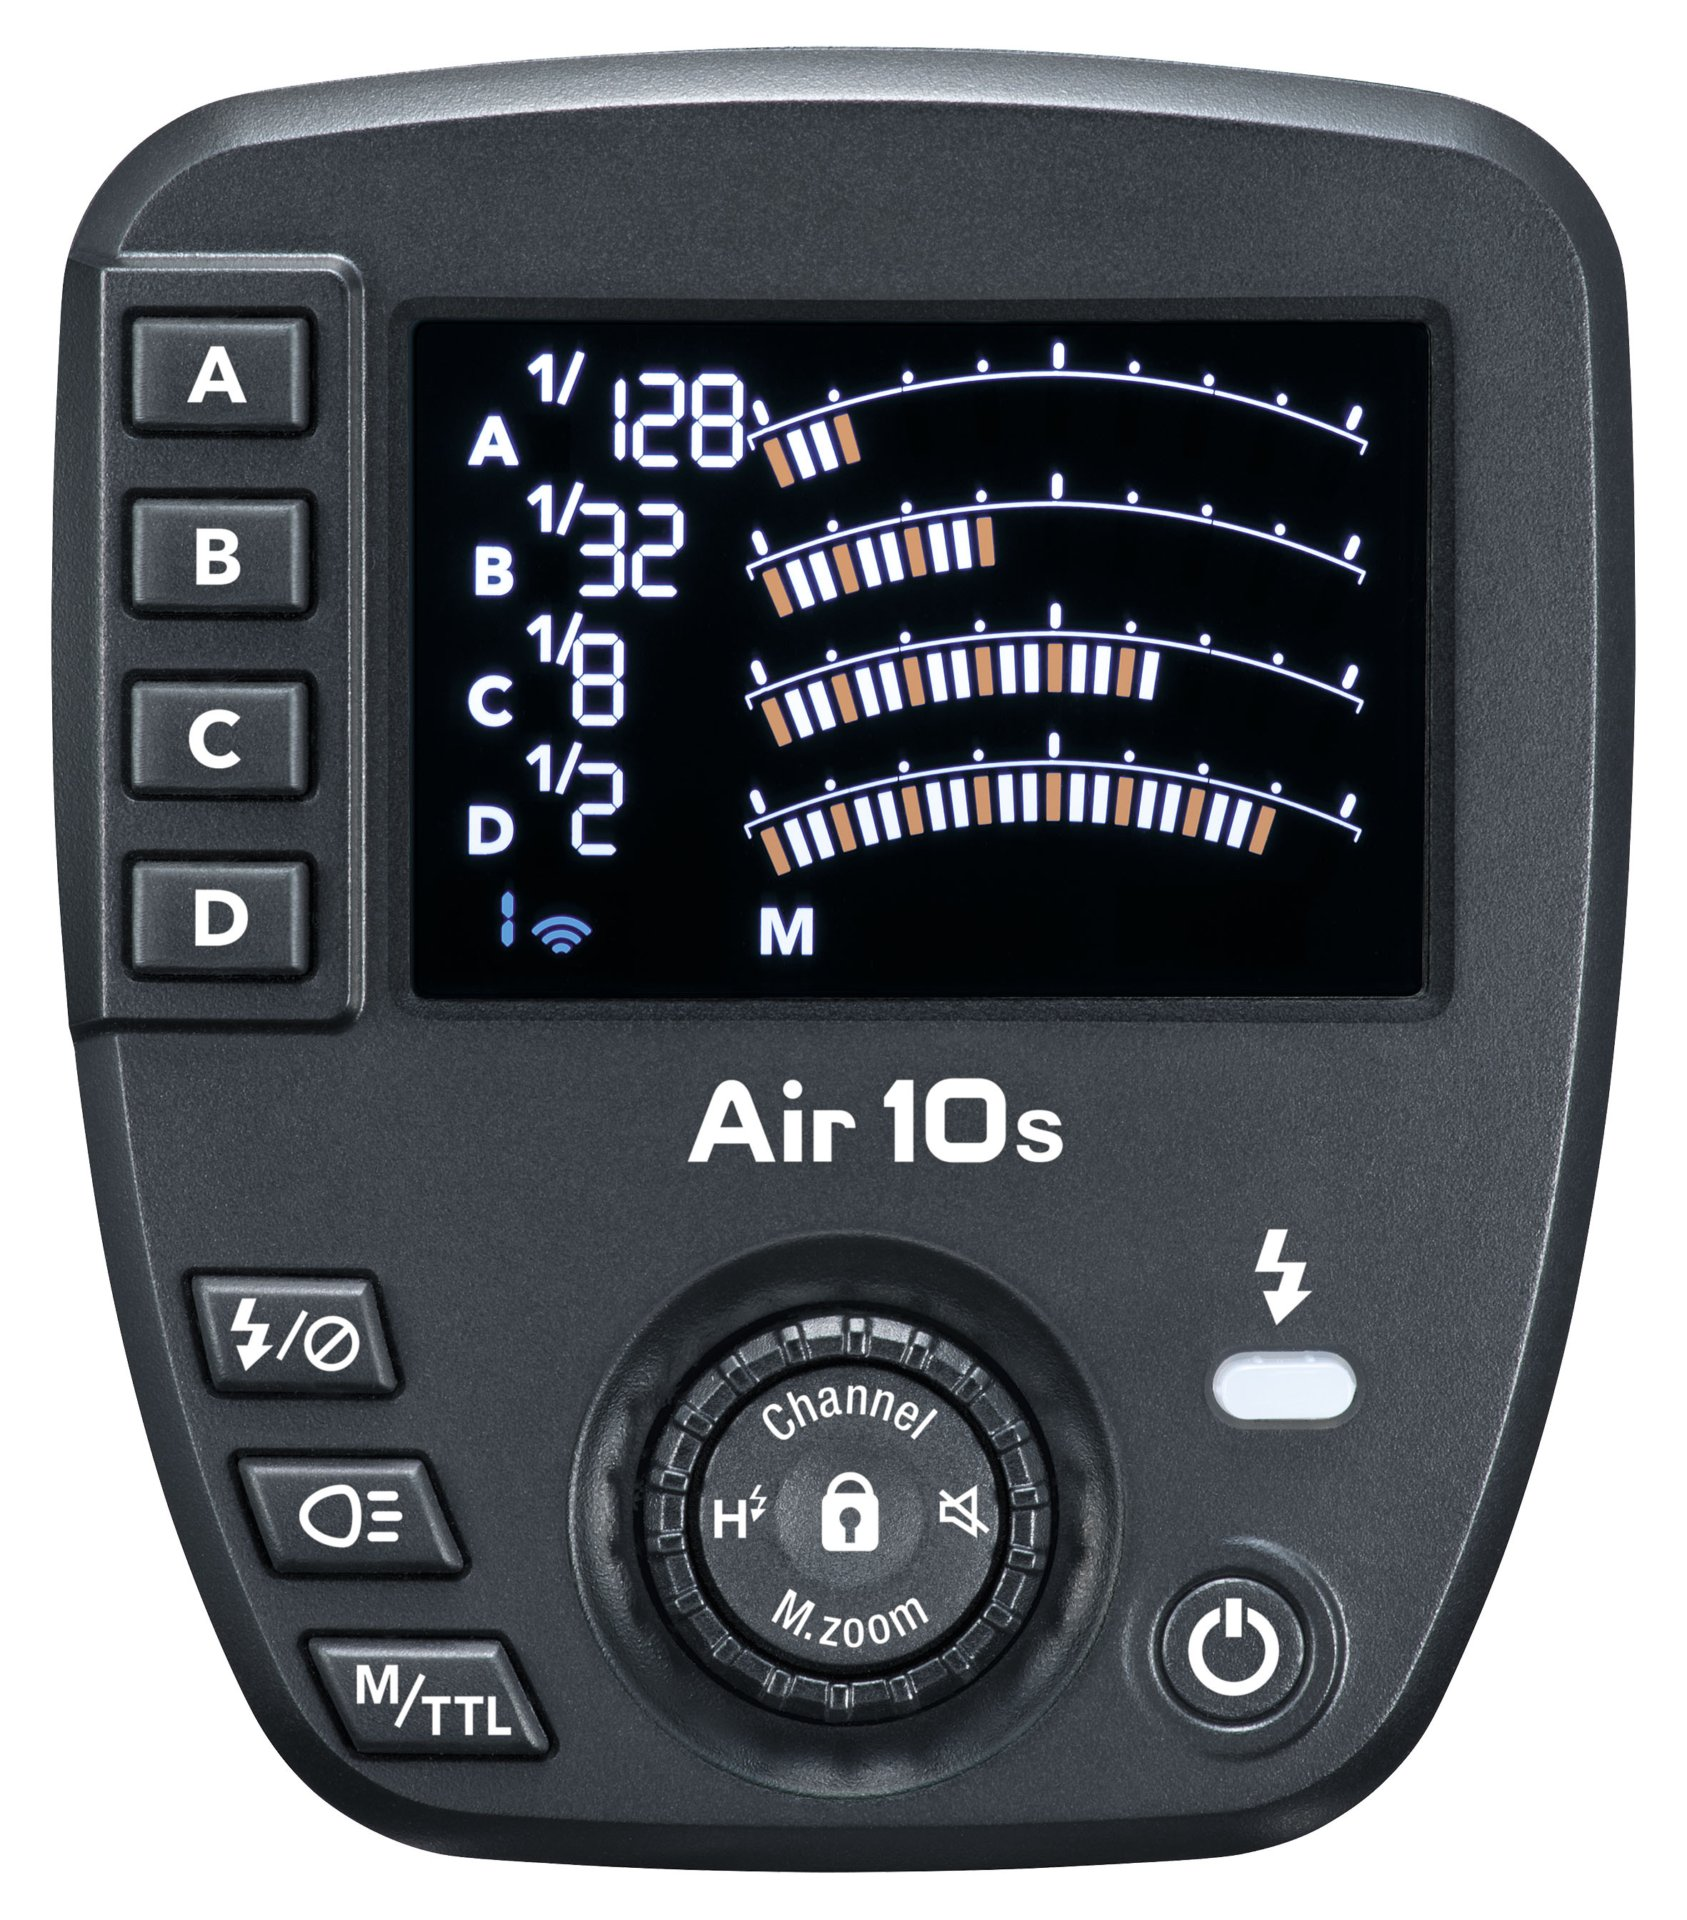 air10s ファームウェア